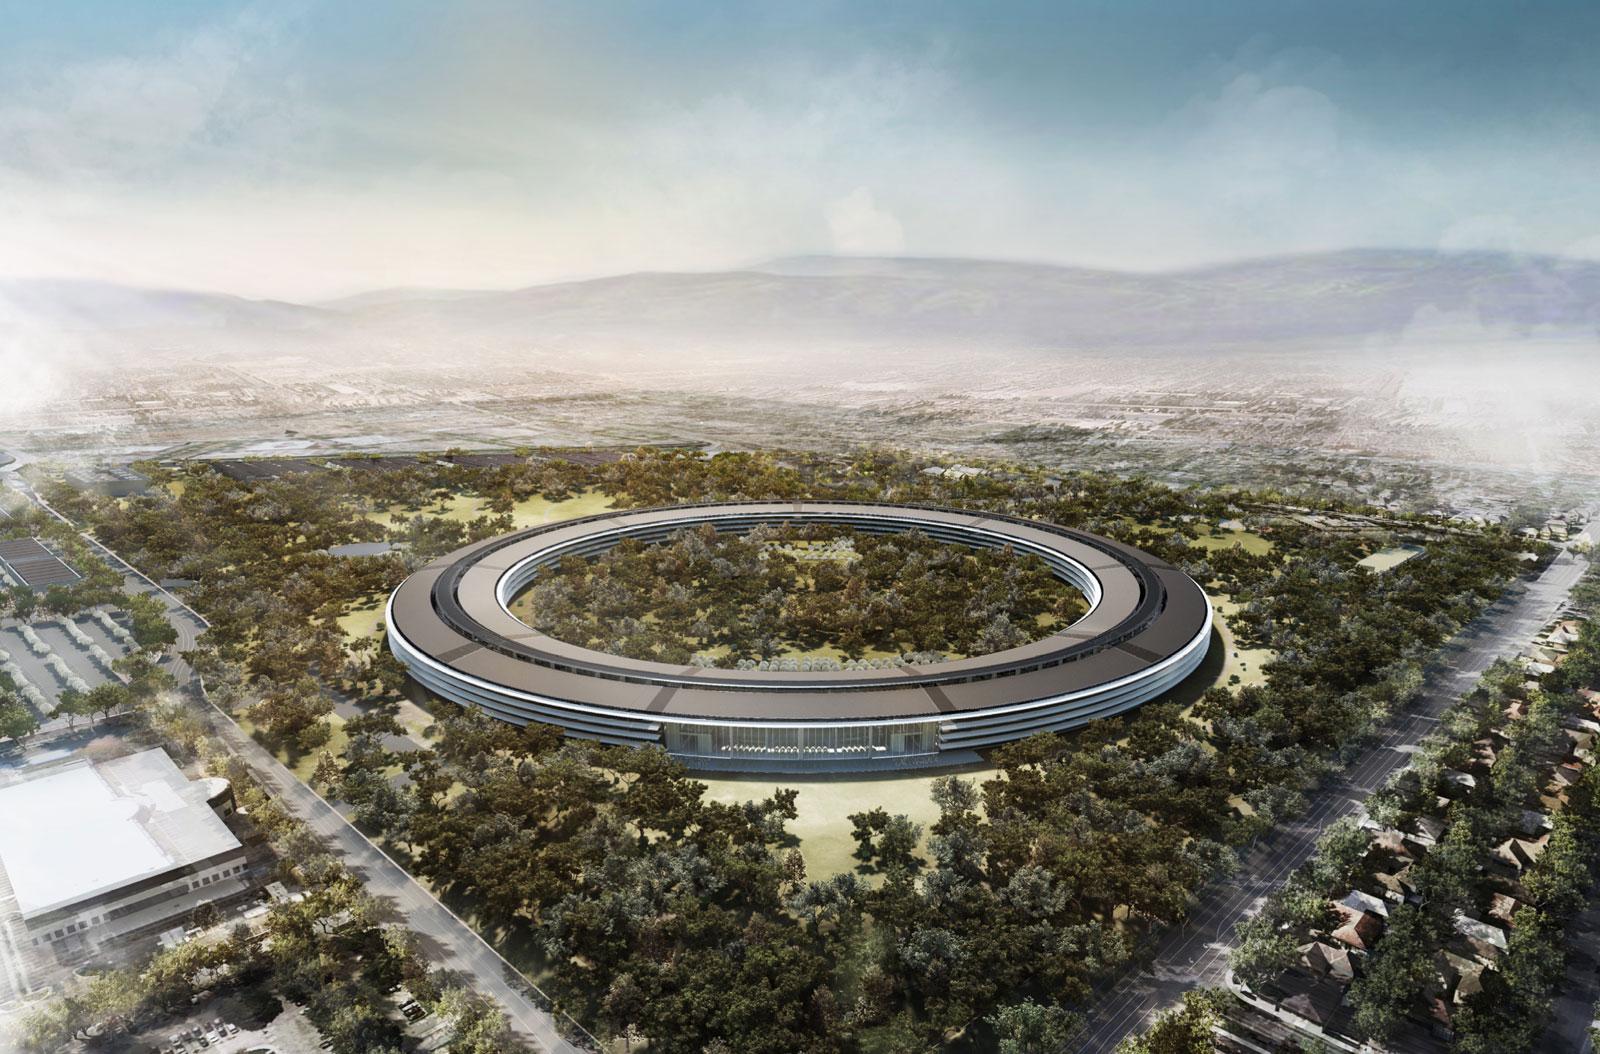 Britský designér se podílel i na v současnosti dokončované stavbě Apple Park. Ta by po několika odloženích měla být s konečnou platností otevřena letos v dubnu. Budova a její zázemí za pět miliard dolarů pojme 12 000 zaměstnanců. Každá židle, stůl, lampa nebo i toaleta bude ovlivněna designérským citem Jonyho Ivea